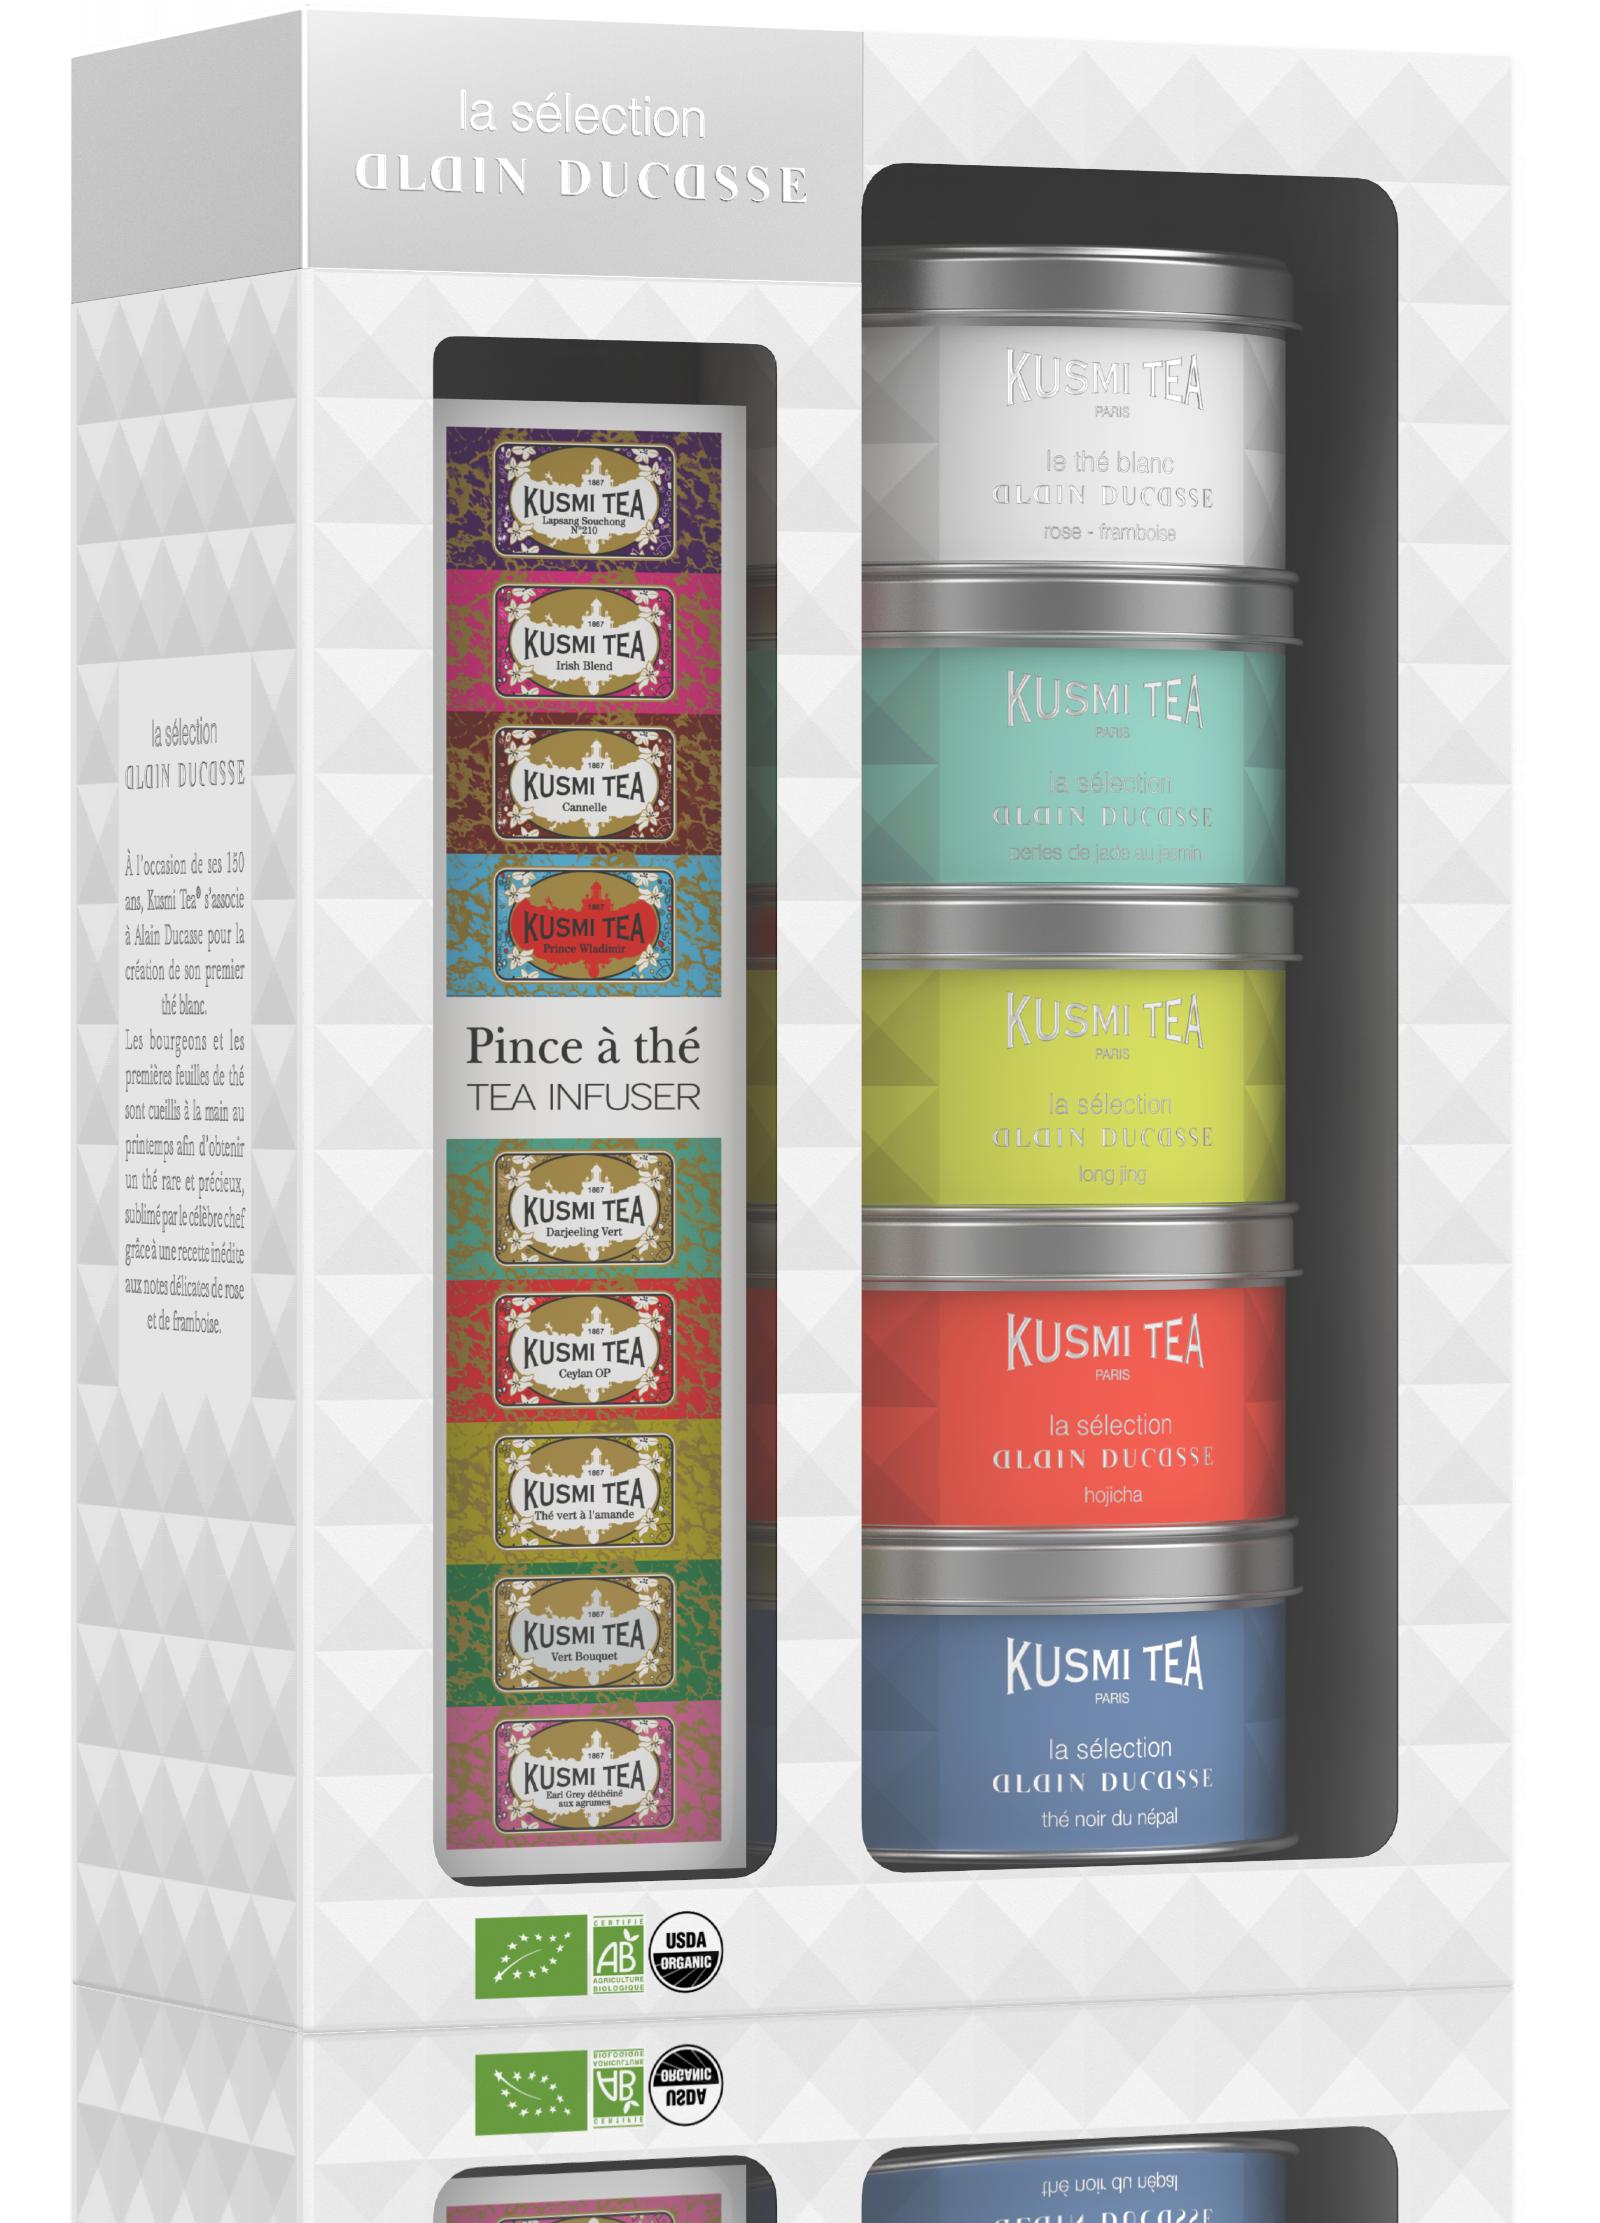 Coffret de thé - Coffret La Sélection Alain Ducasse avec une pince à thé - Kusmi Tea